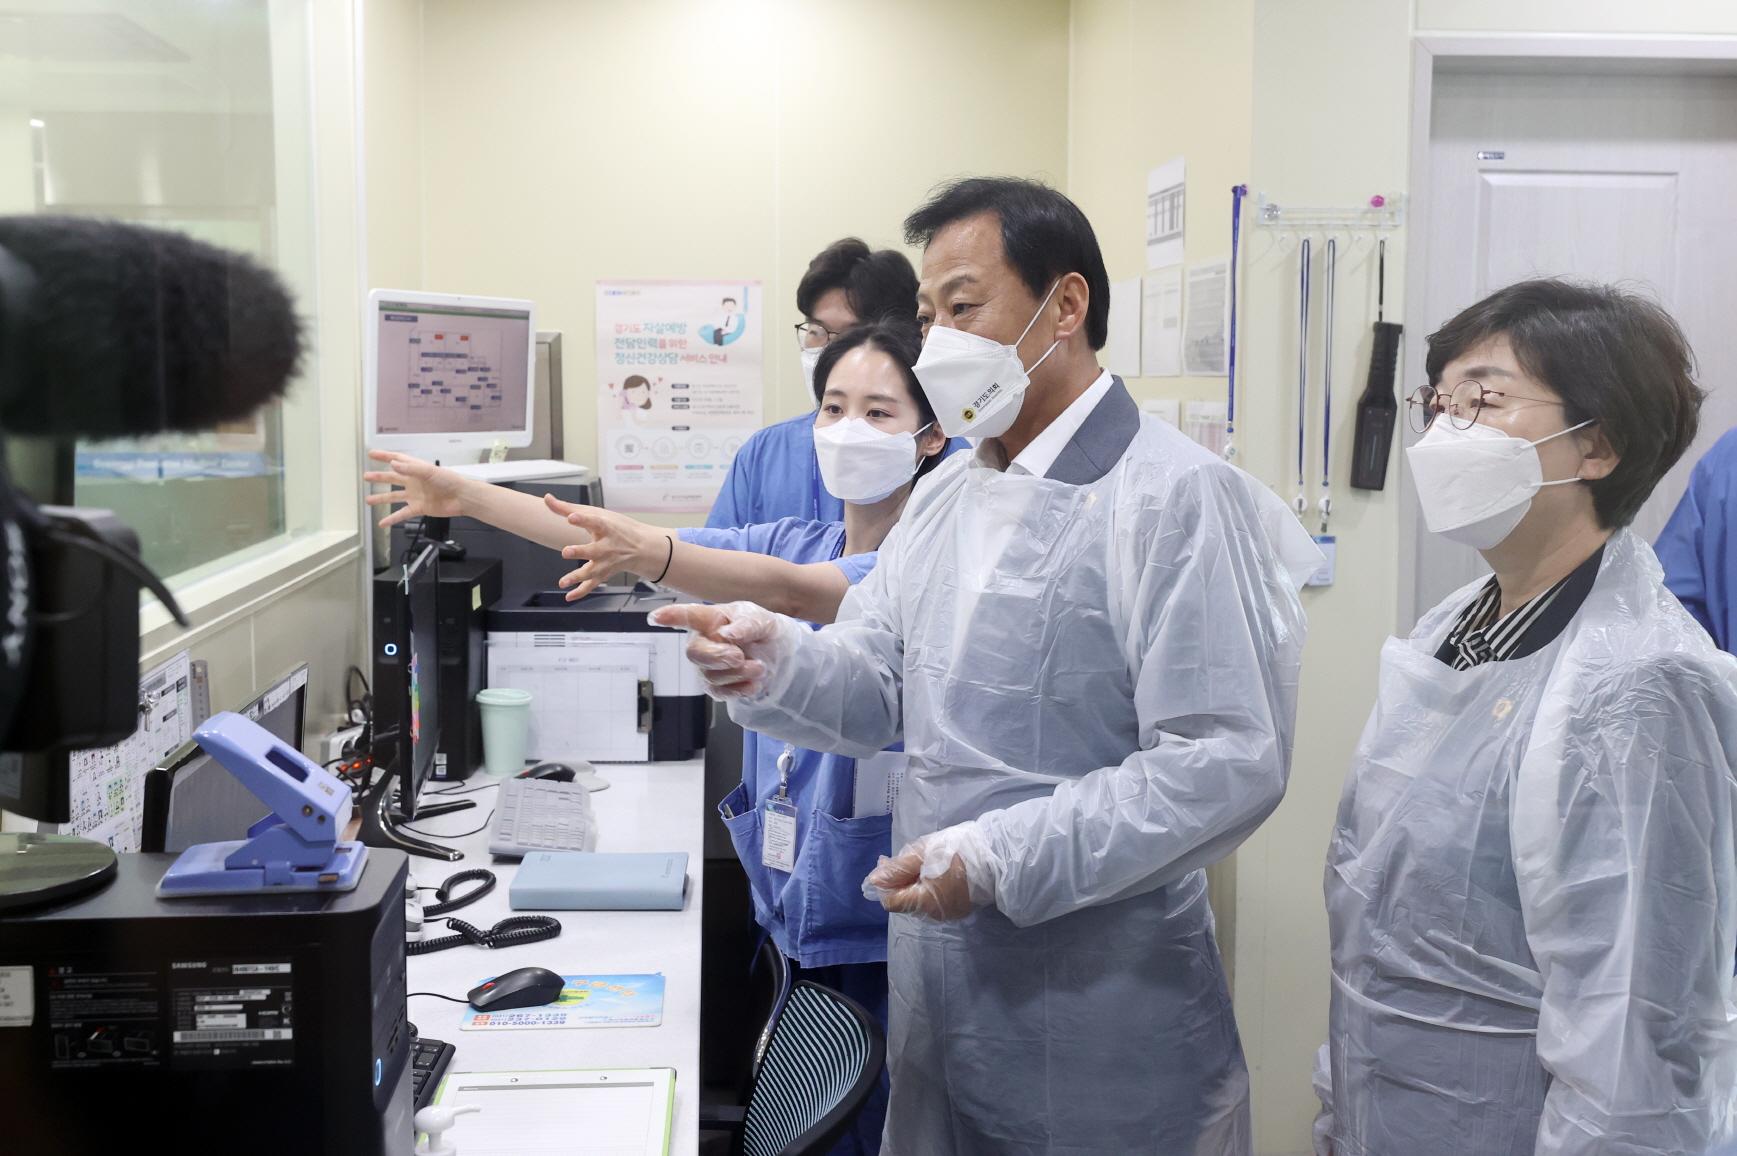 장현국 도의장, 추석연휴 나흘 앞두고 도 정신건강복지센터 방문